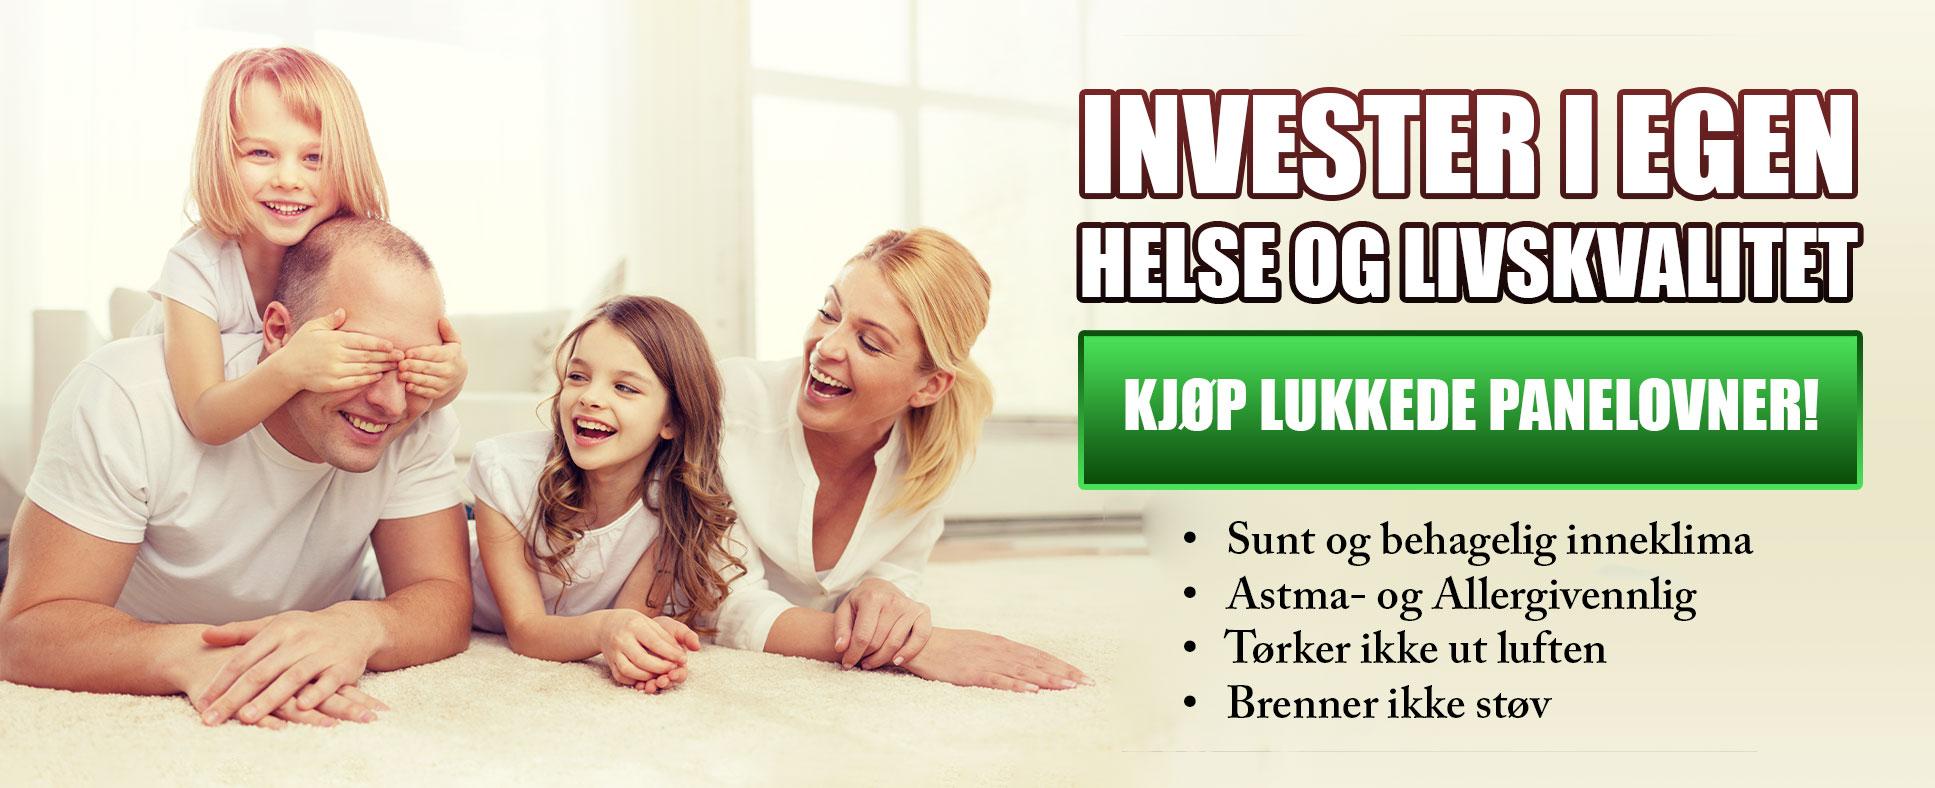 Invester i helse og livskvalitet - Annonse